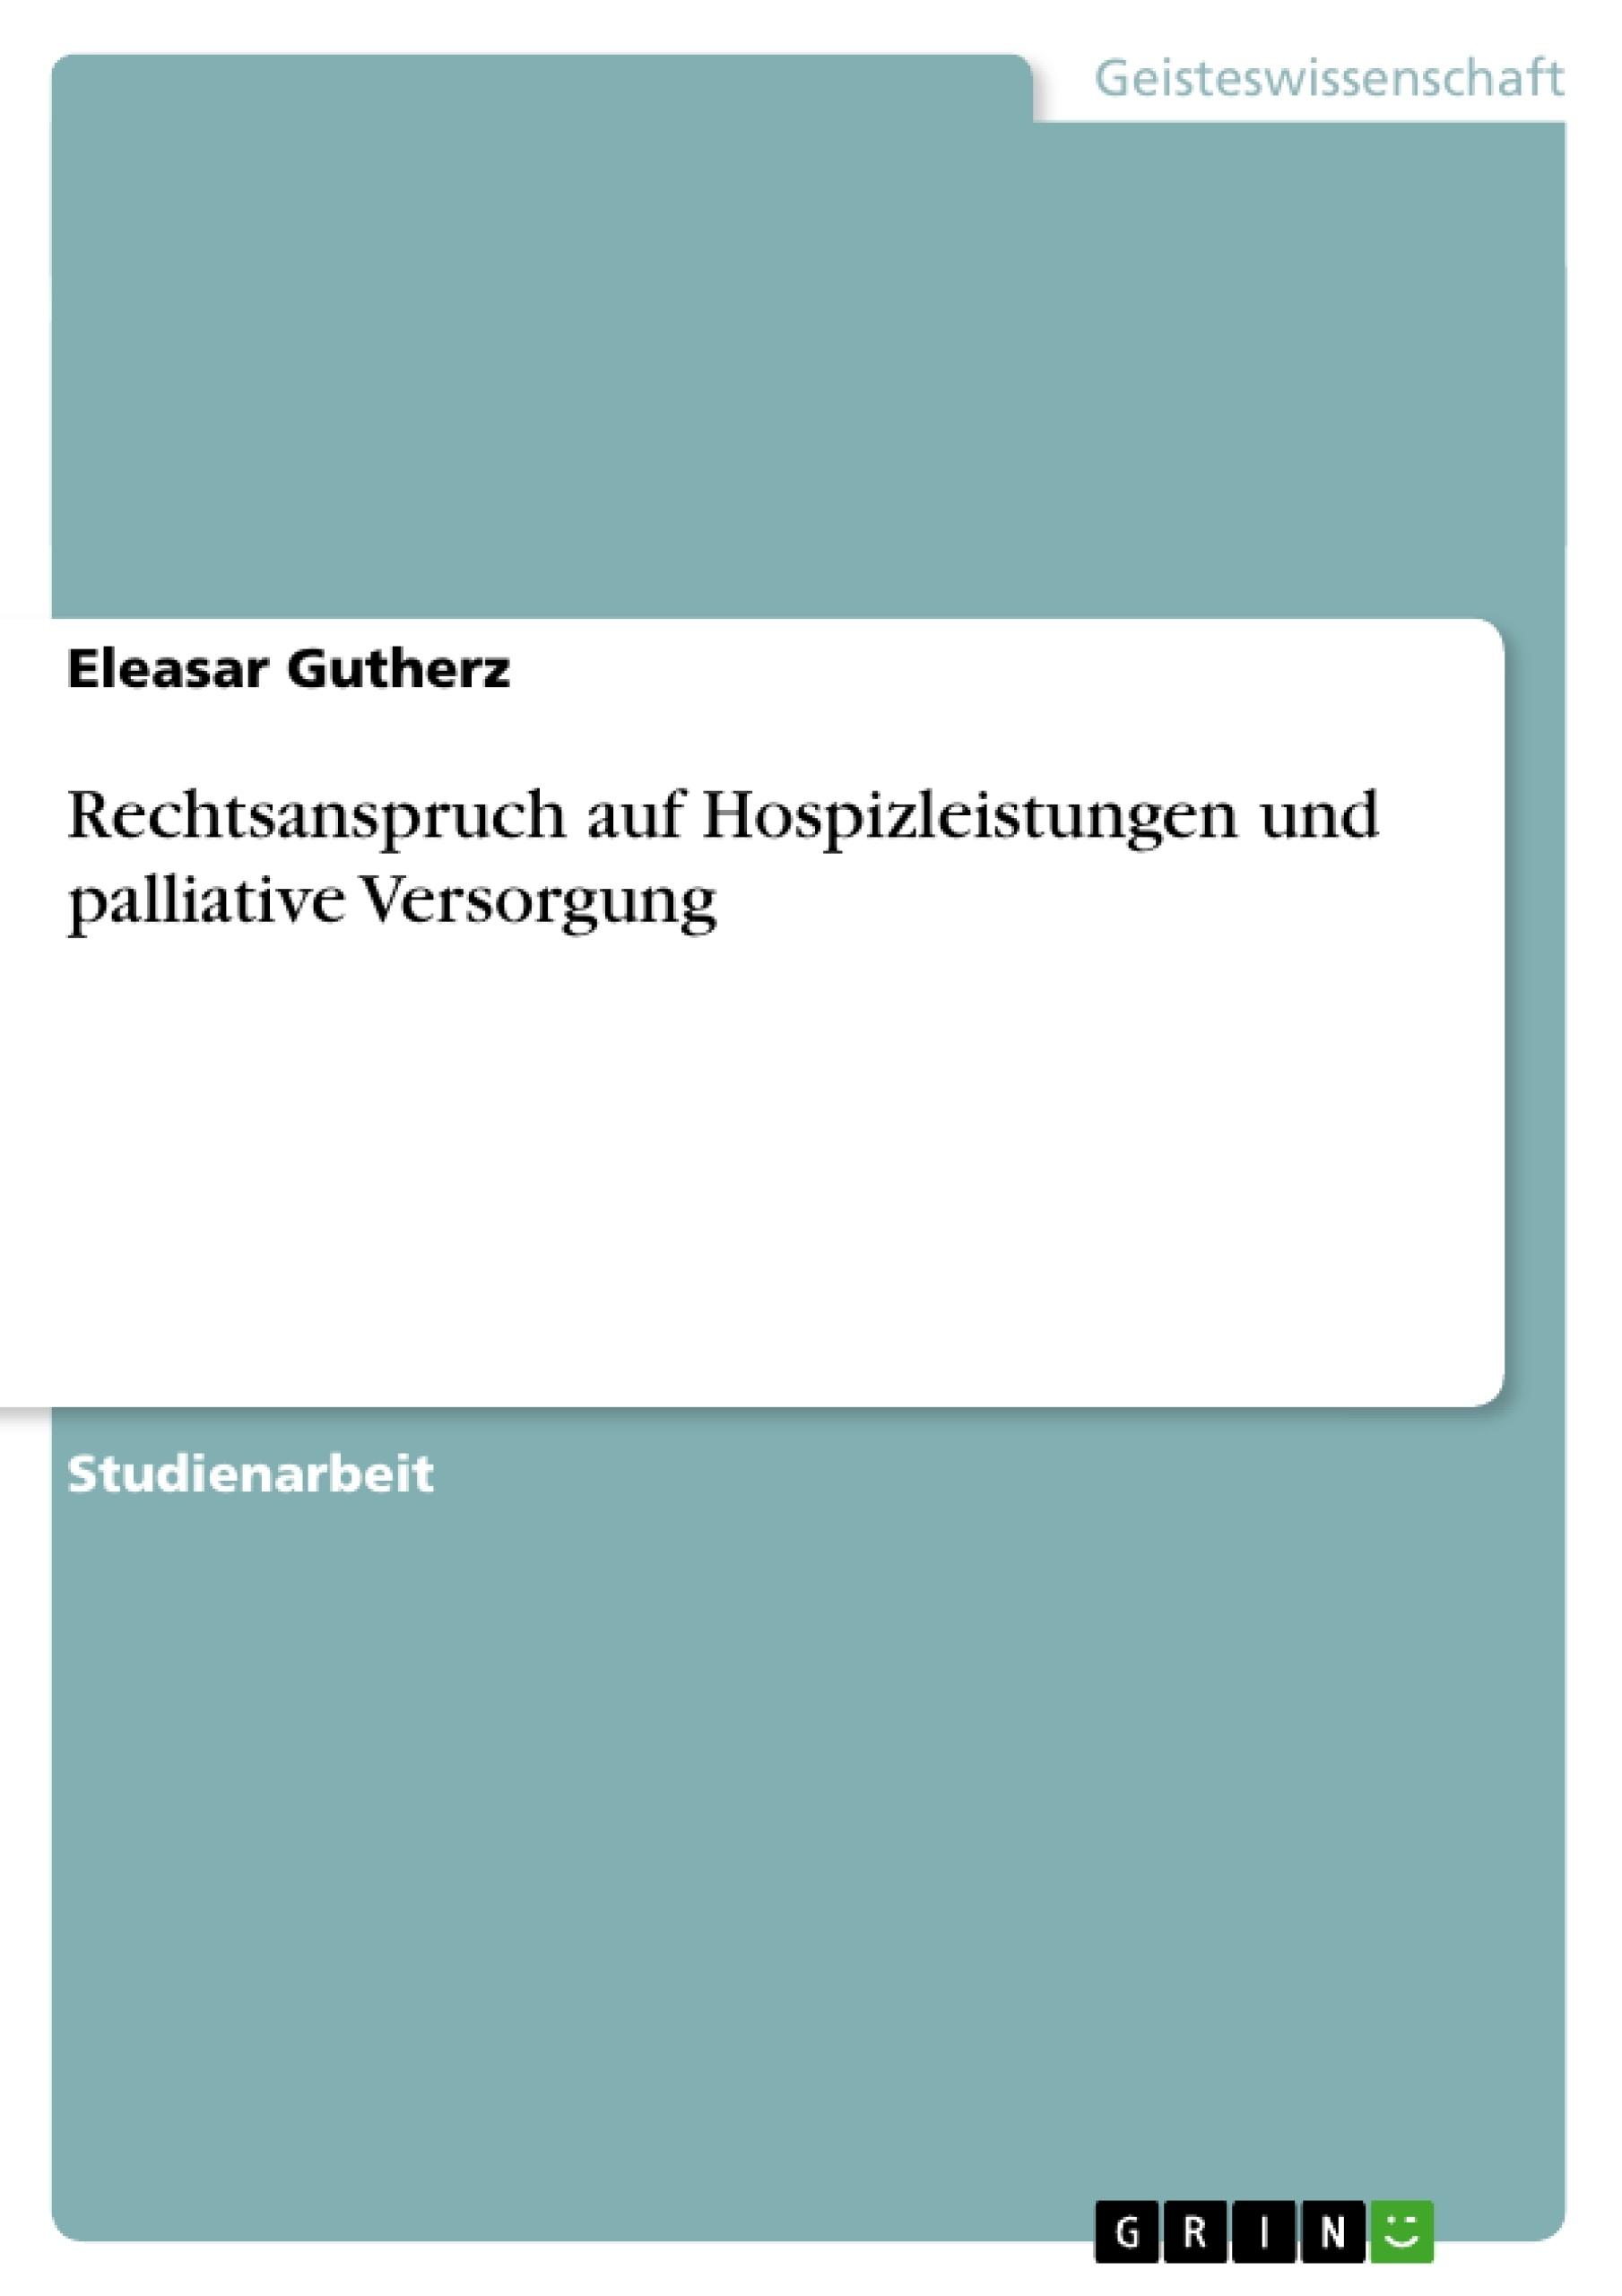 Titel: Rechtsanspruch auf Hospizleistungen und palliative Versorgung